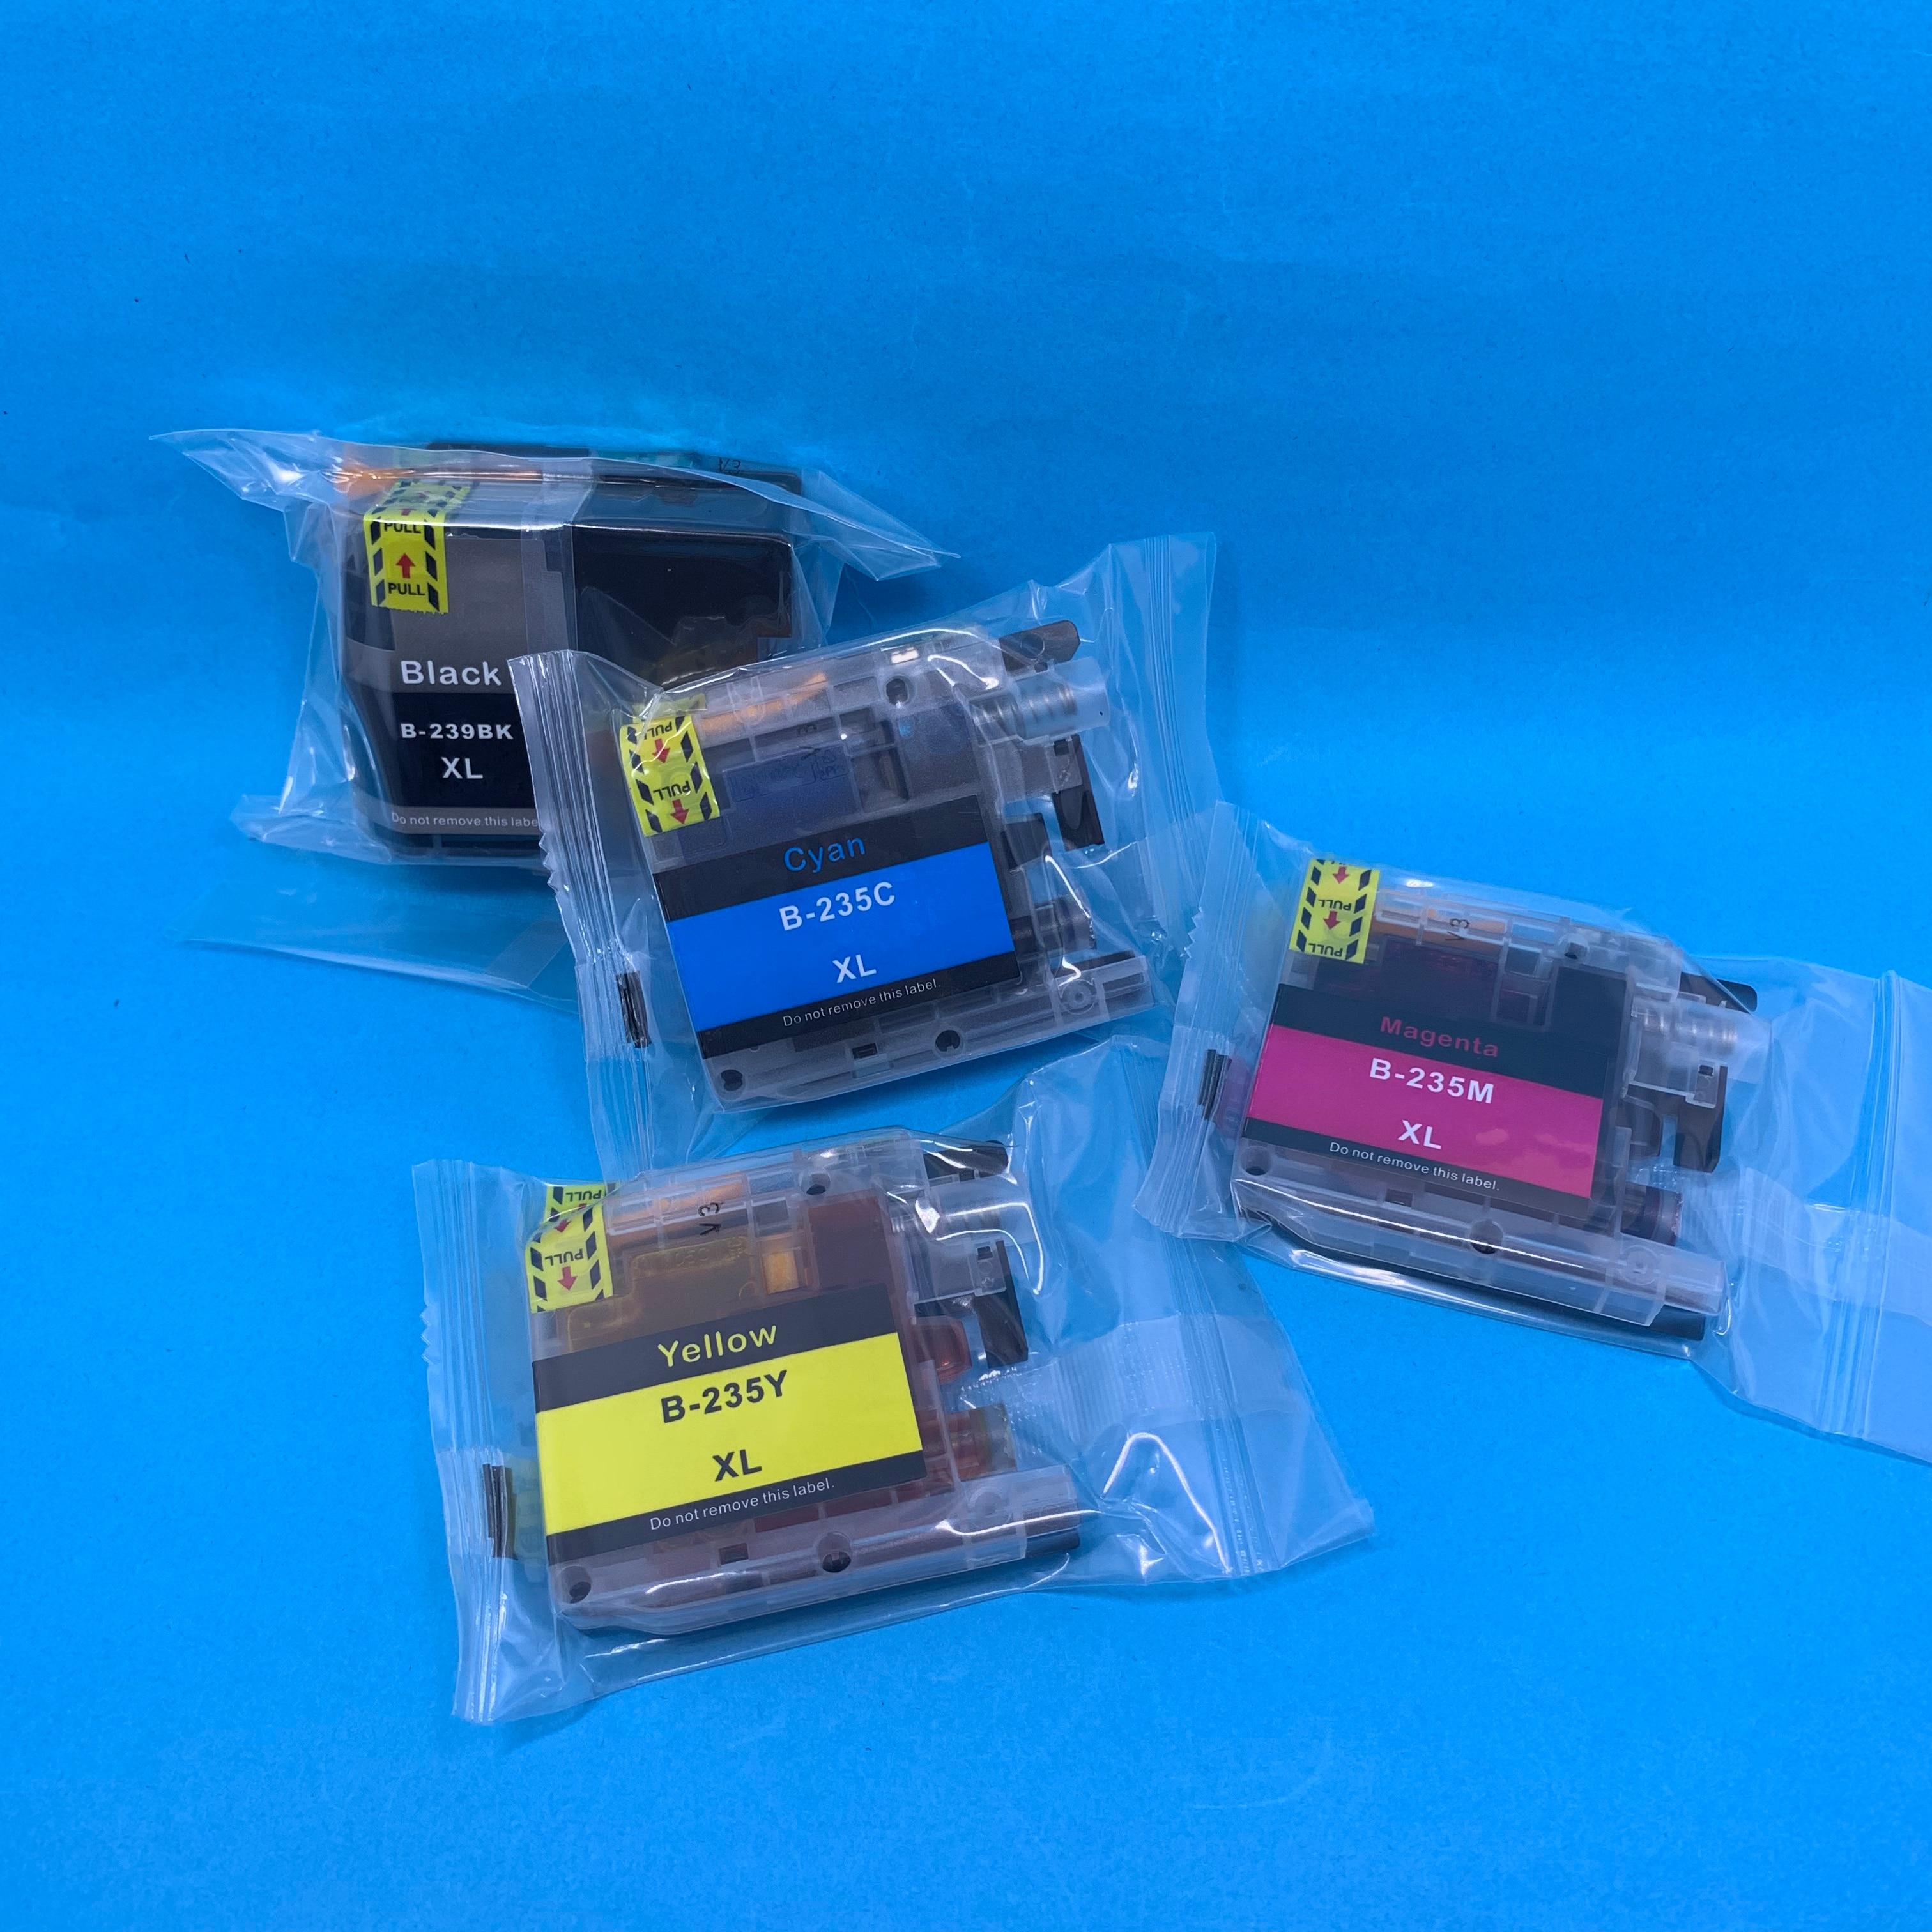 YOTAT 1 комплект совместимый чернильный картридж LC239XL LC239 LC235 для Brother MFC-J5320 MFC-J5720 MFC-J4120 (Австралия)